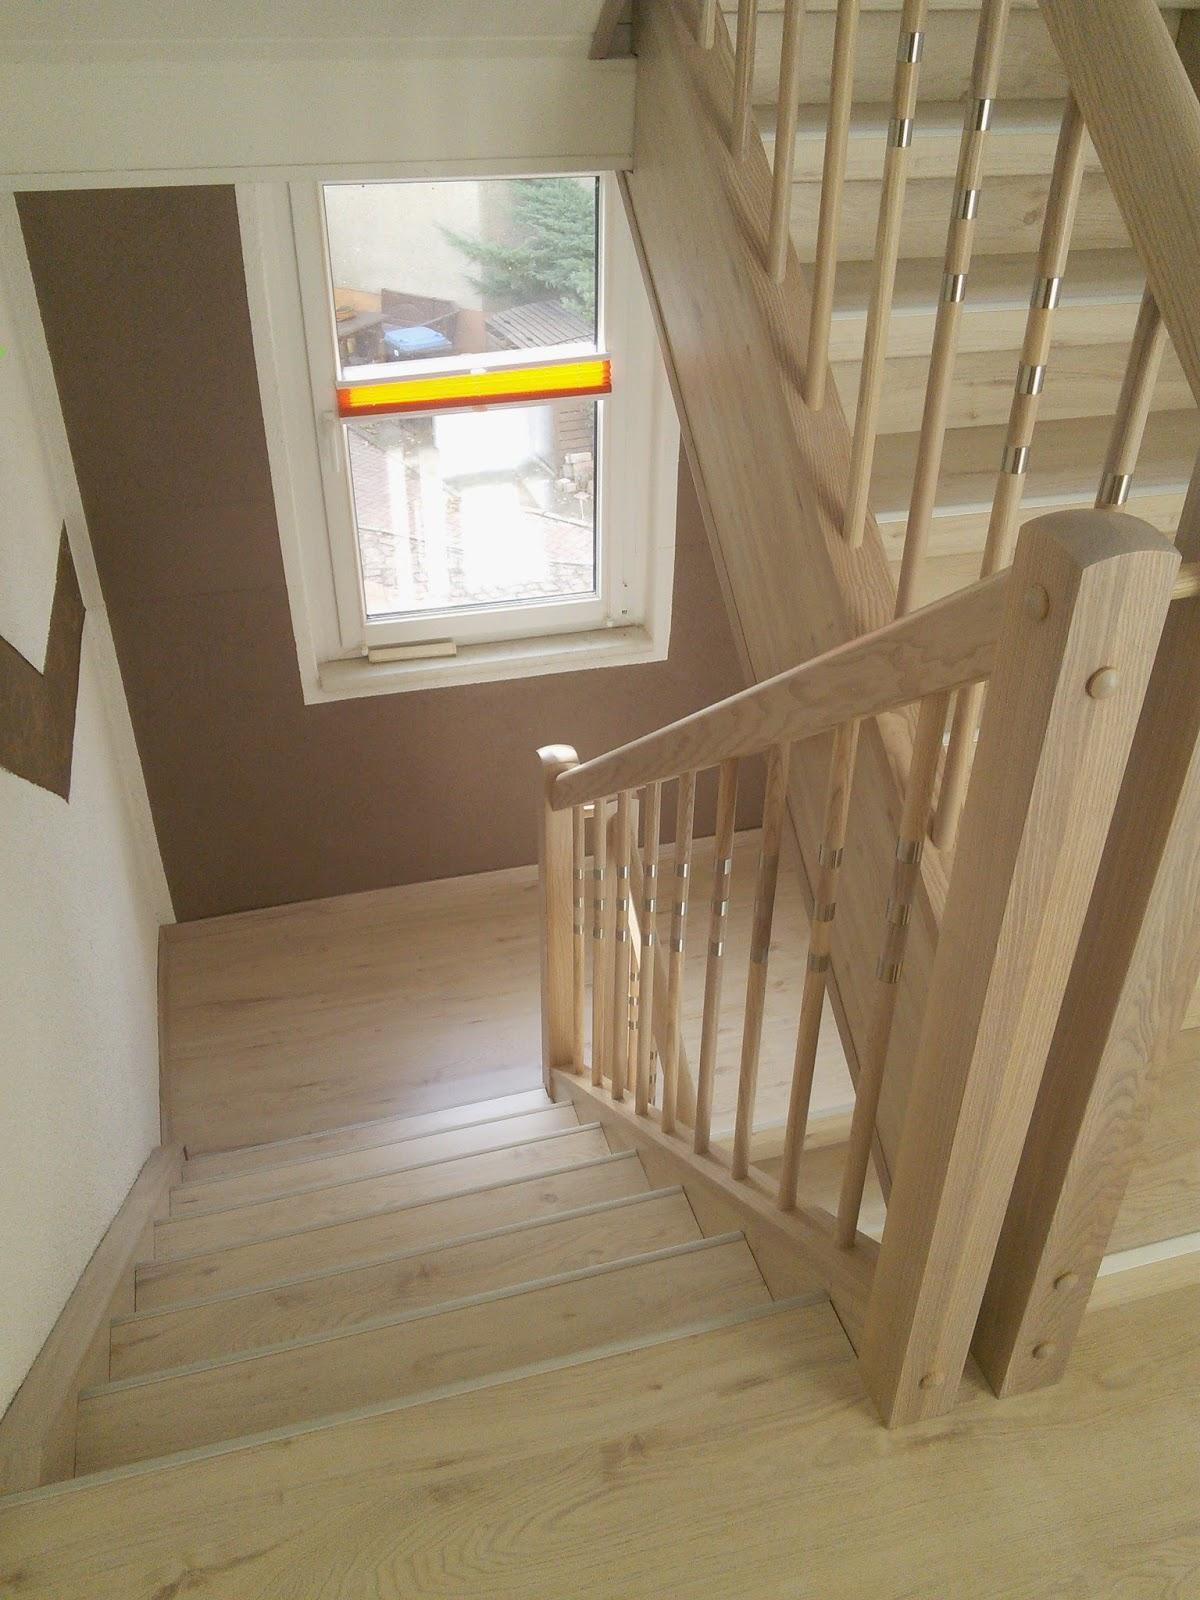 h k treppenrenovierung treppenstufen renovieren so geht es richtig. Black Bedroom Furniture Sets. Home Design Ideas